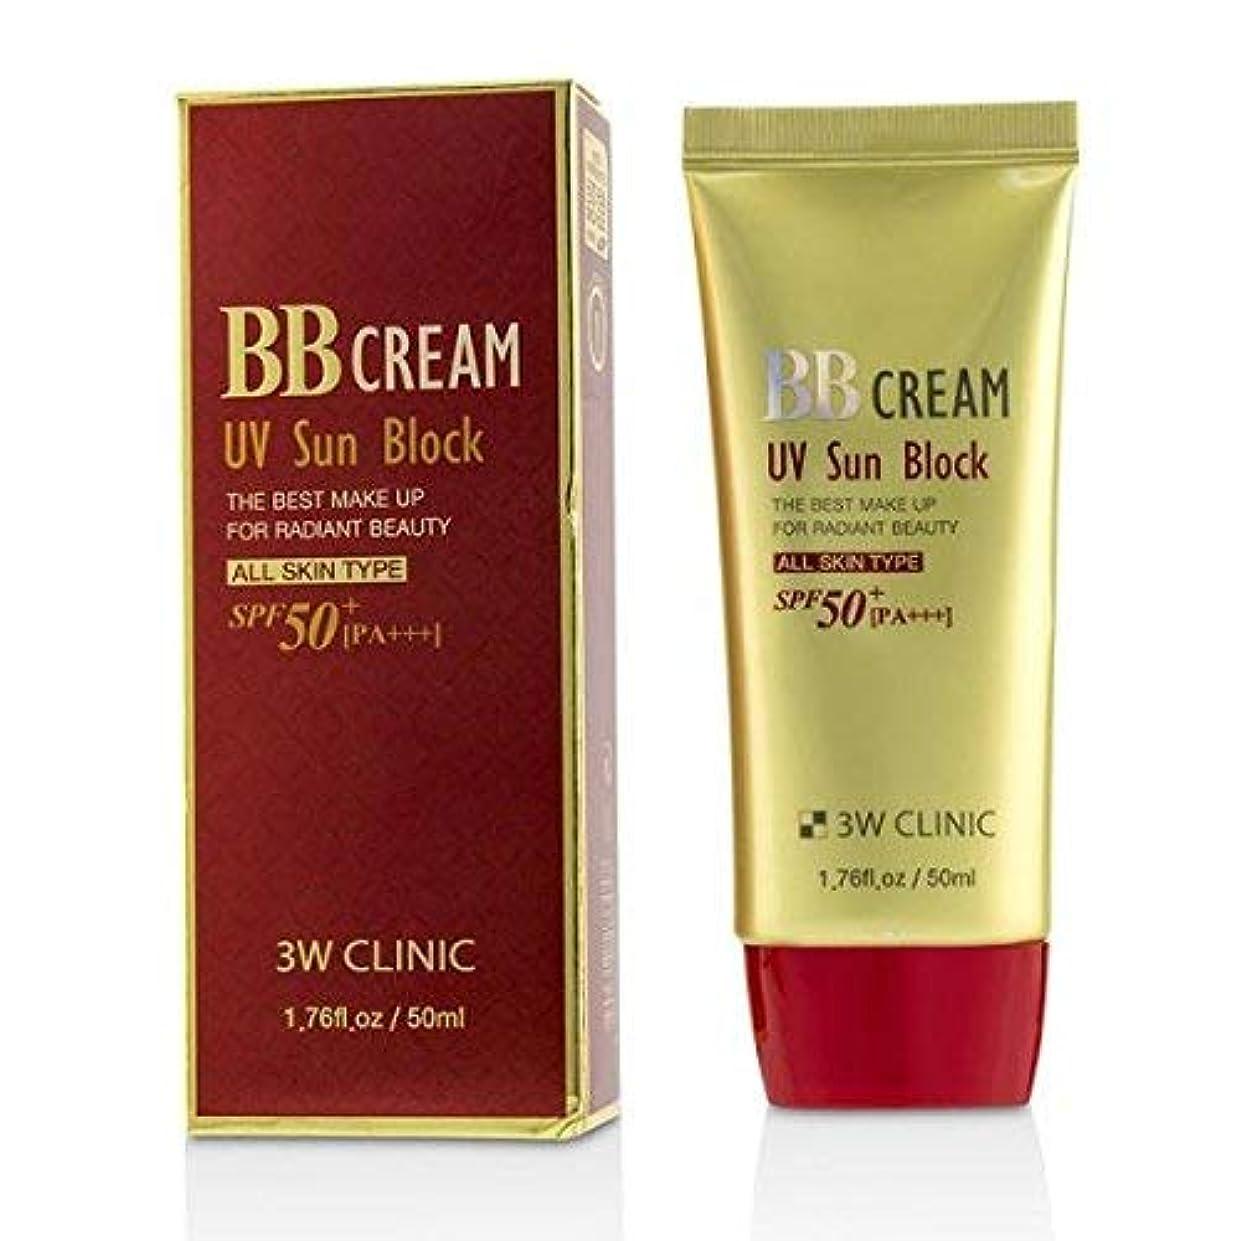 赤字回る貧しい3W CLINIC Uv SunブロックBbクリームSpf50 Pa +++韓国化粧品 [並行輸入品]